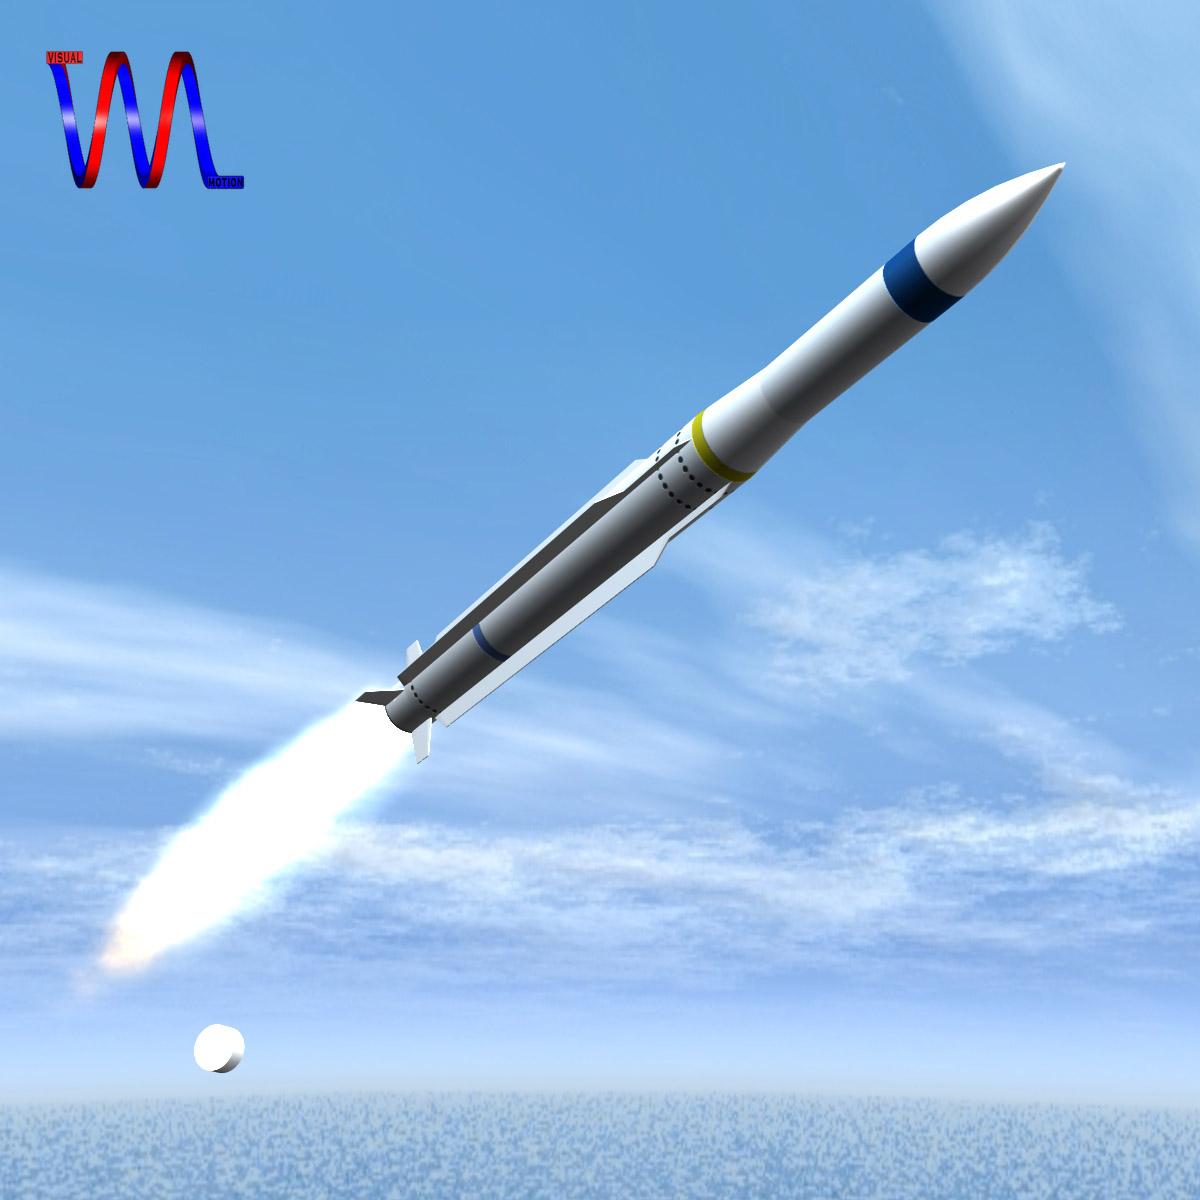 RIM-162 ESSM Missile 3d model 3ds dxf fbx blend cob dae X  obj 166019